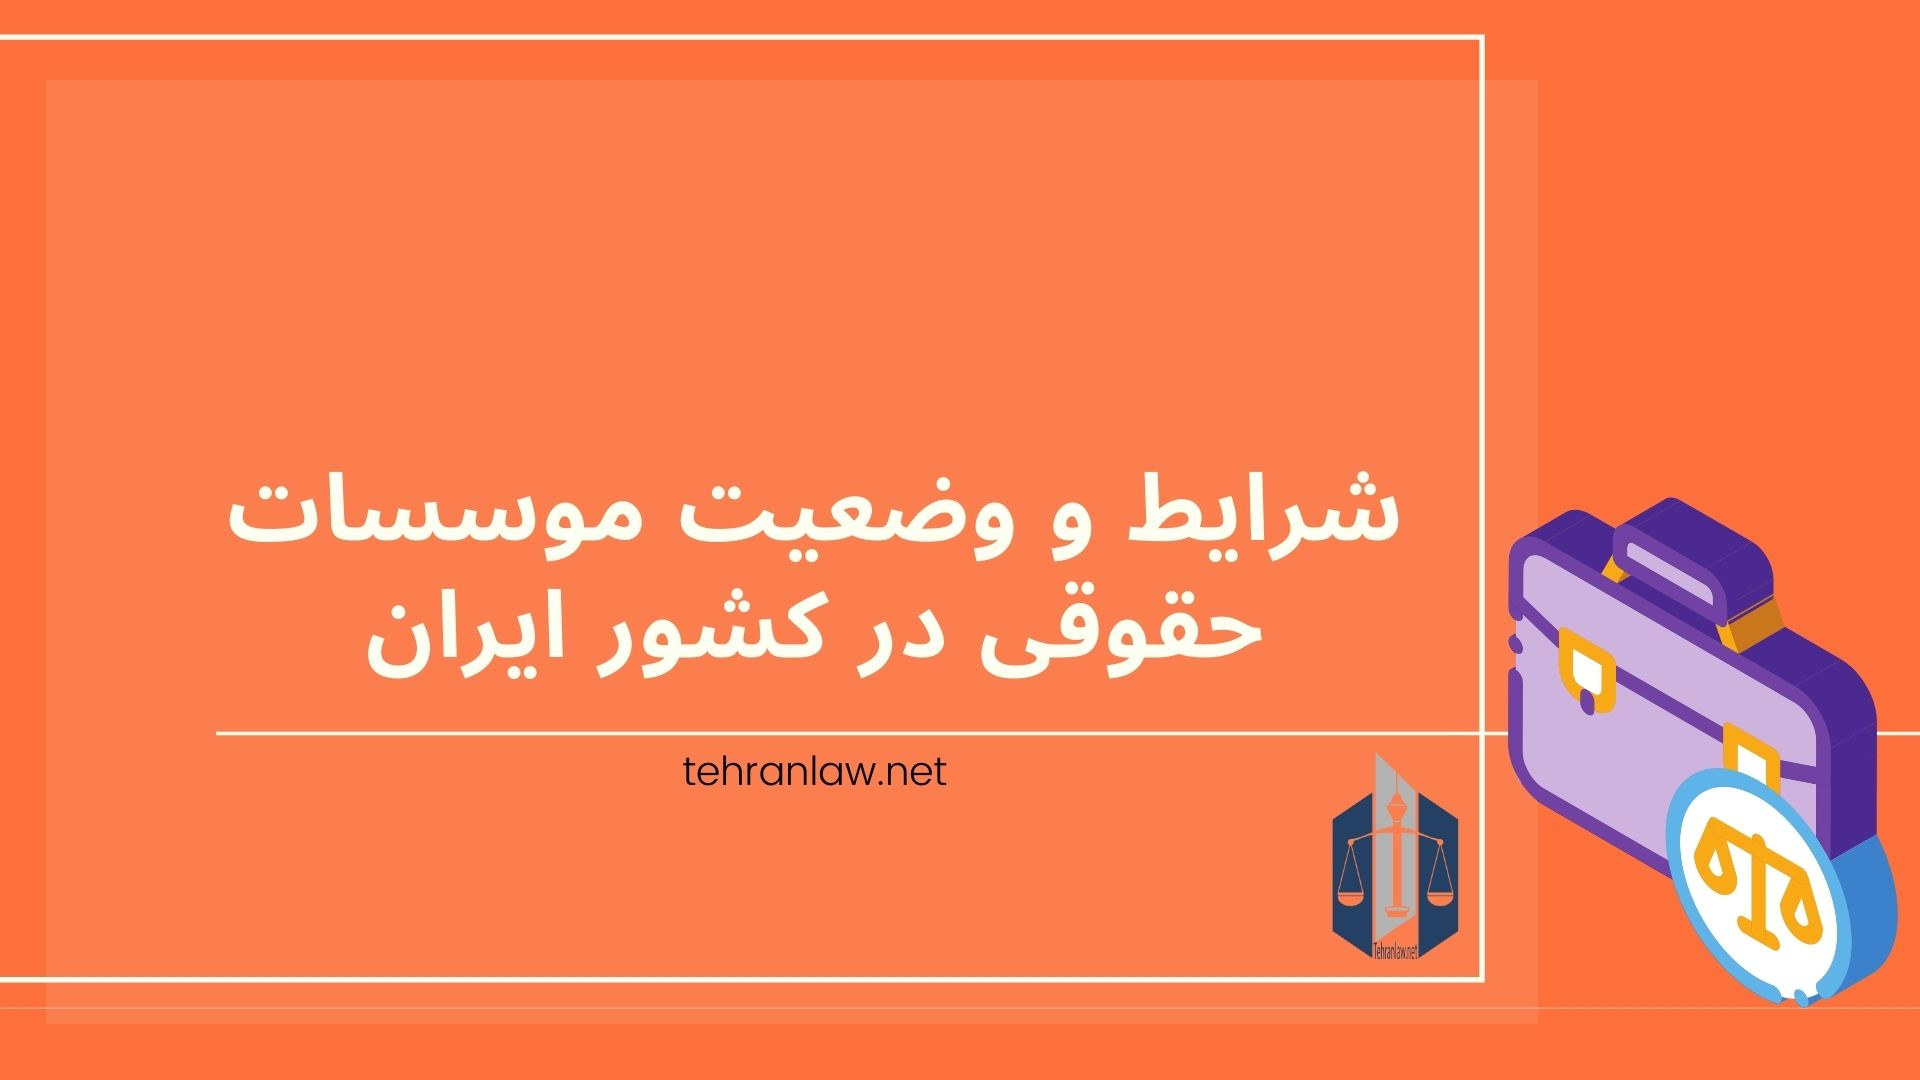 شرایط و وضعیت موسسات حقوقی در کشور ایران: